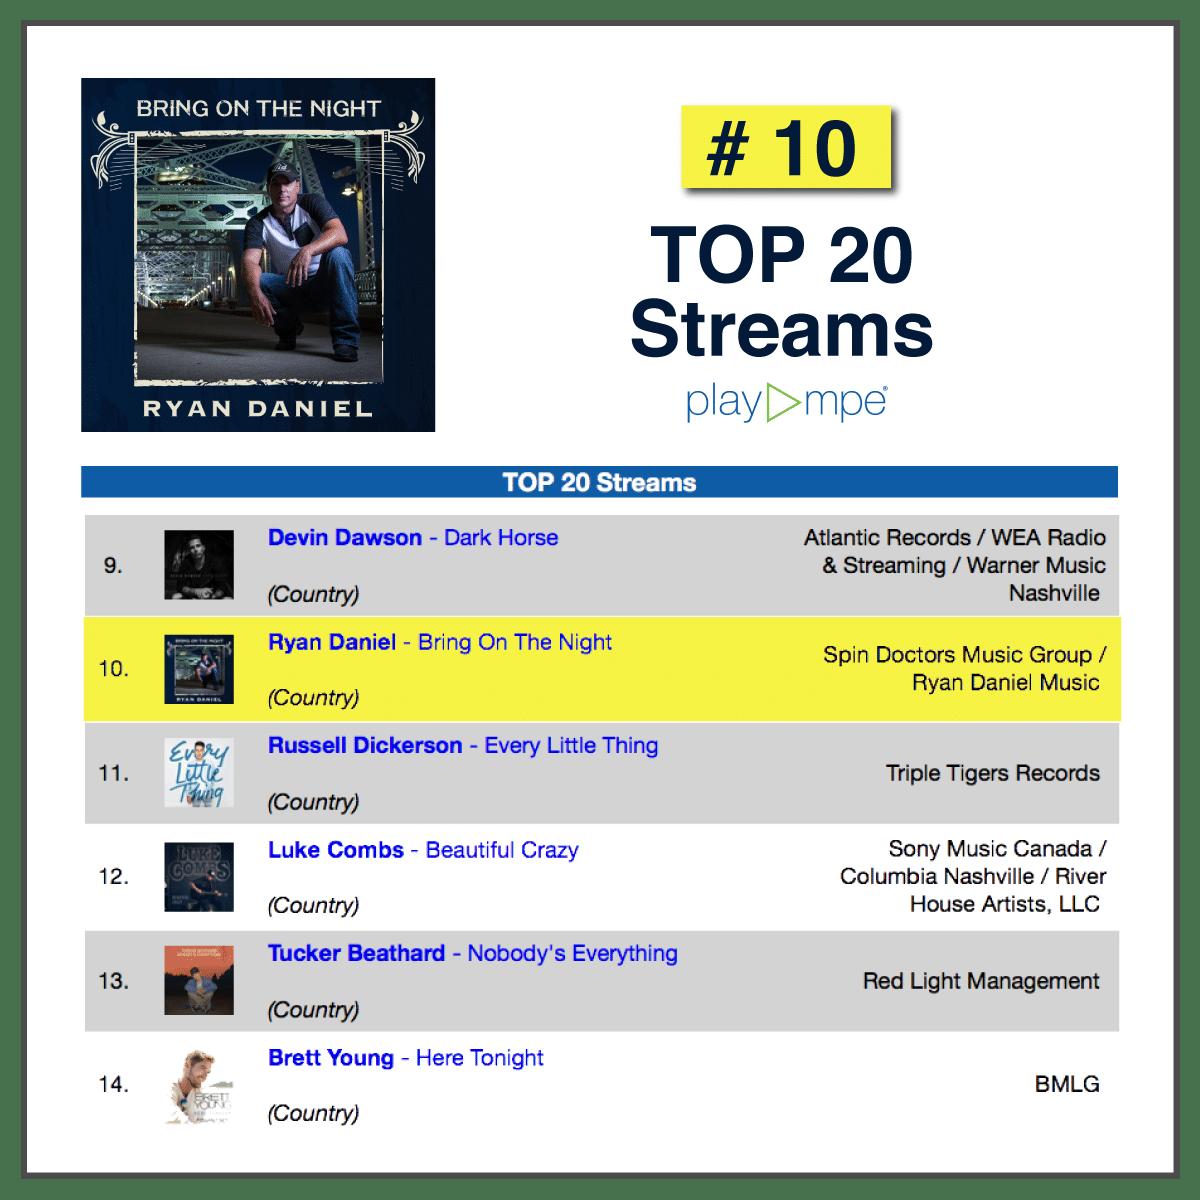 billboard hot 100 singles chart mp3